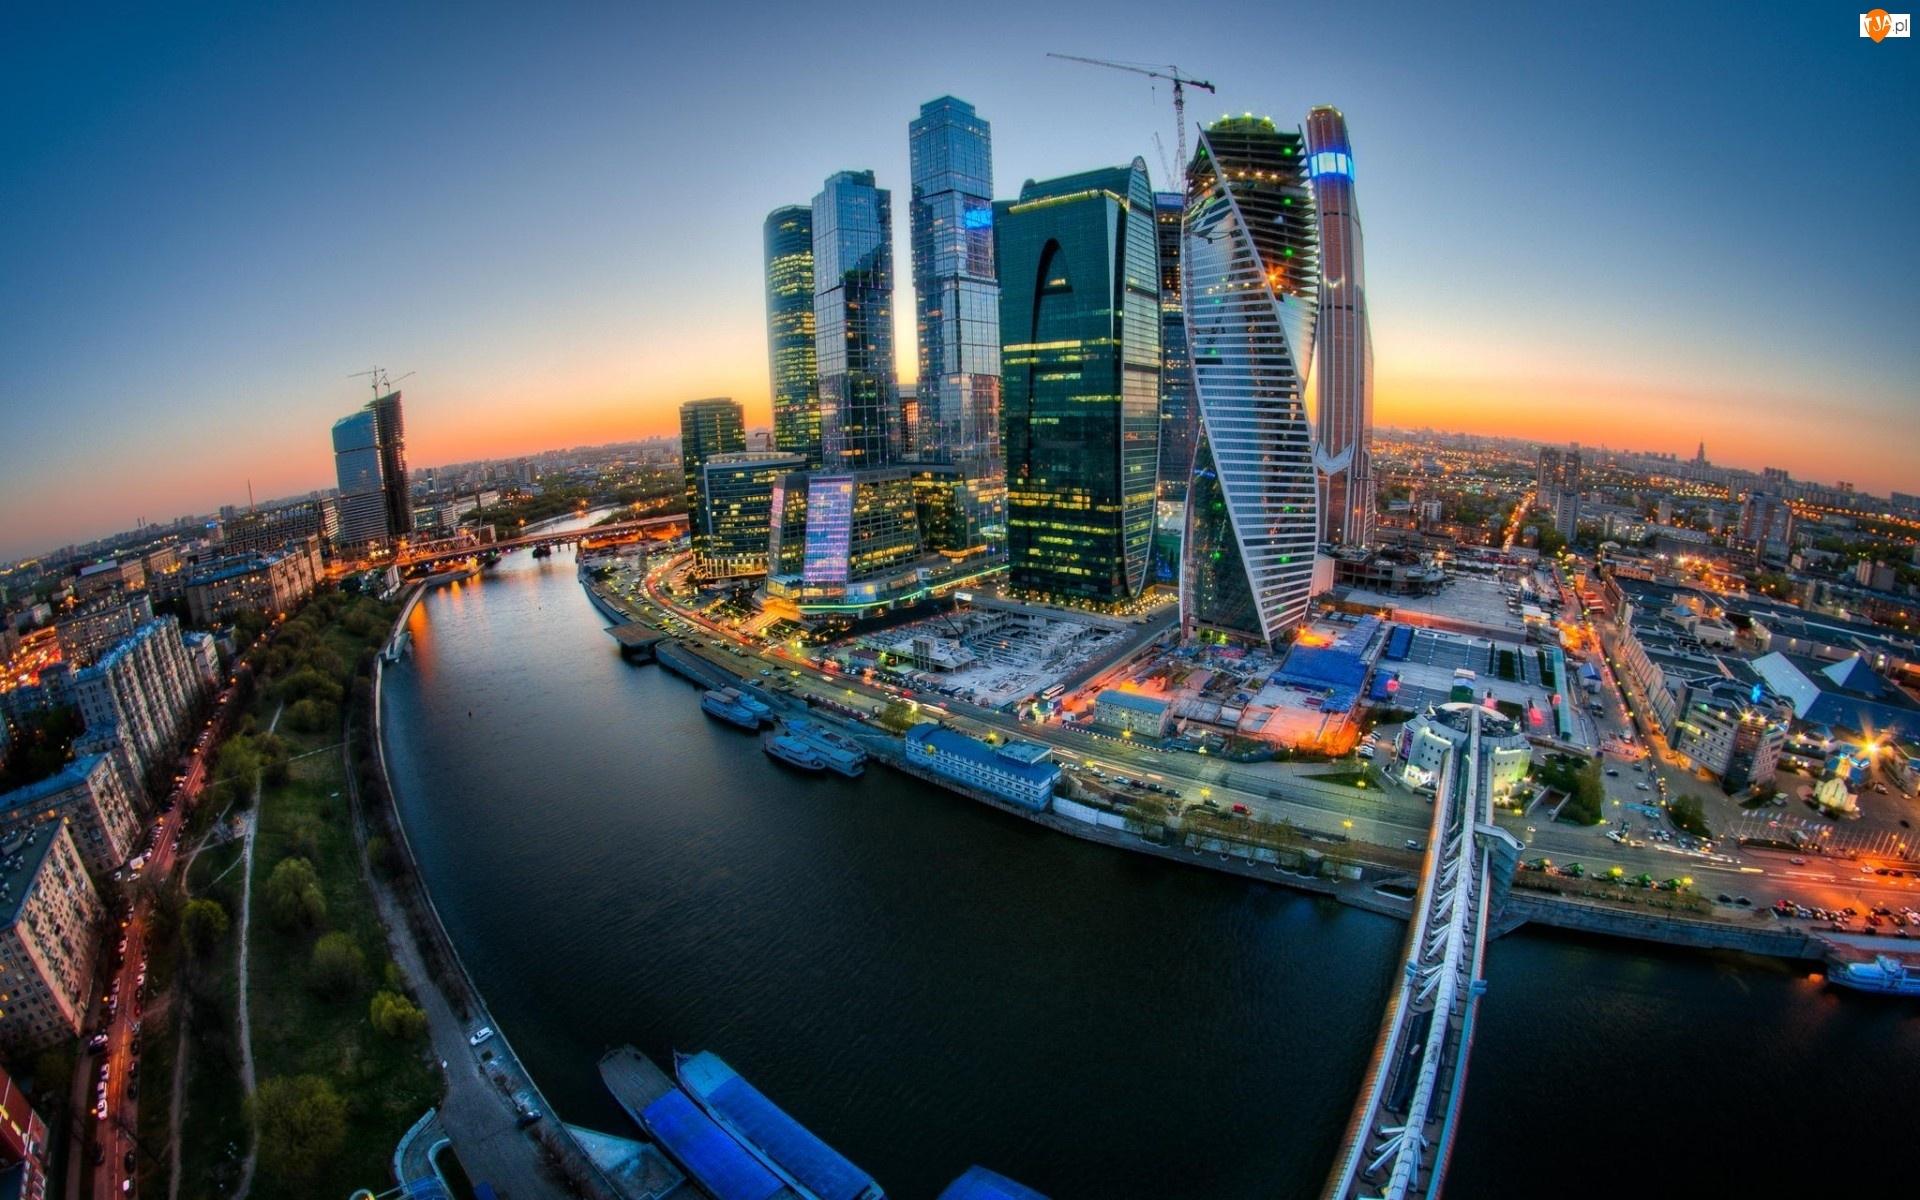 Panorama, Wschód, Rosja, Chmur, Mosty, Drapacze, Moskwa, Rzeka, Słońca